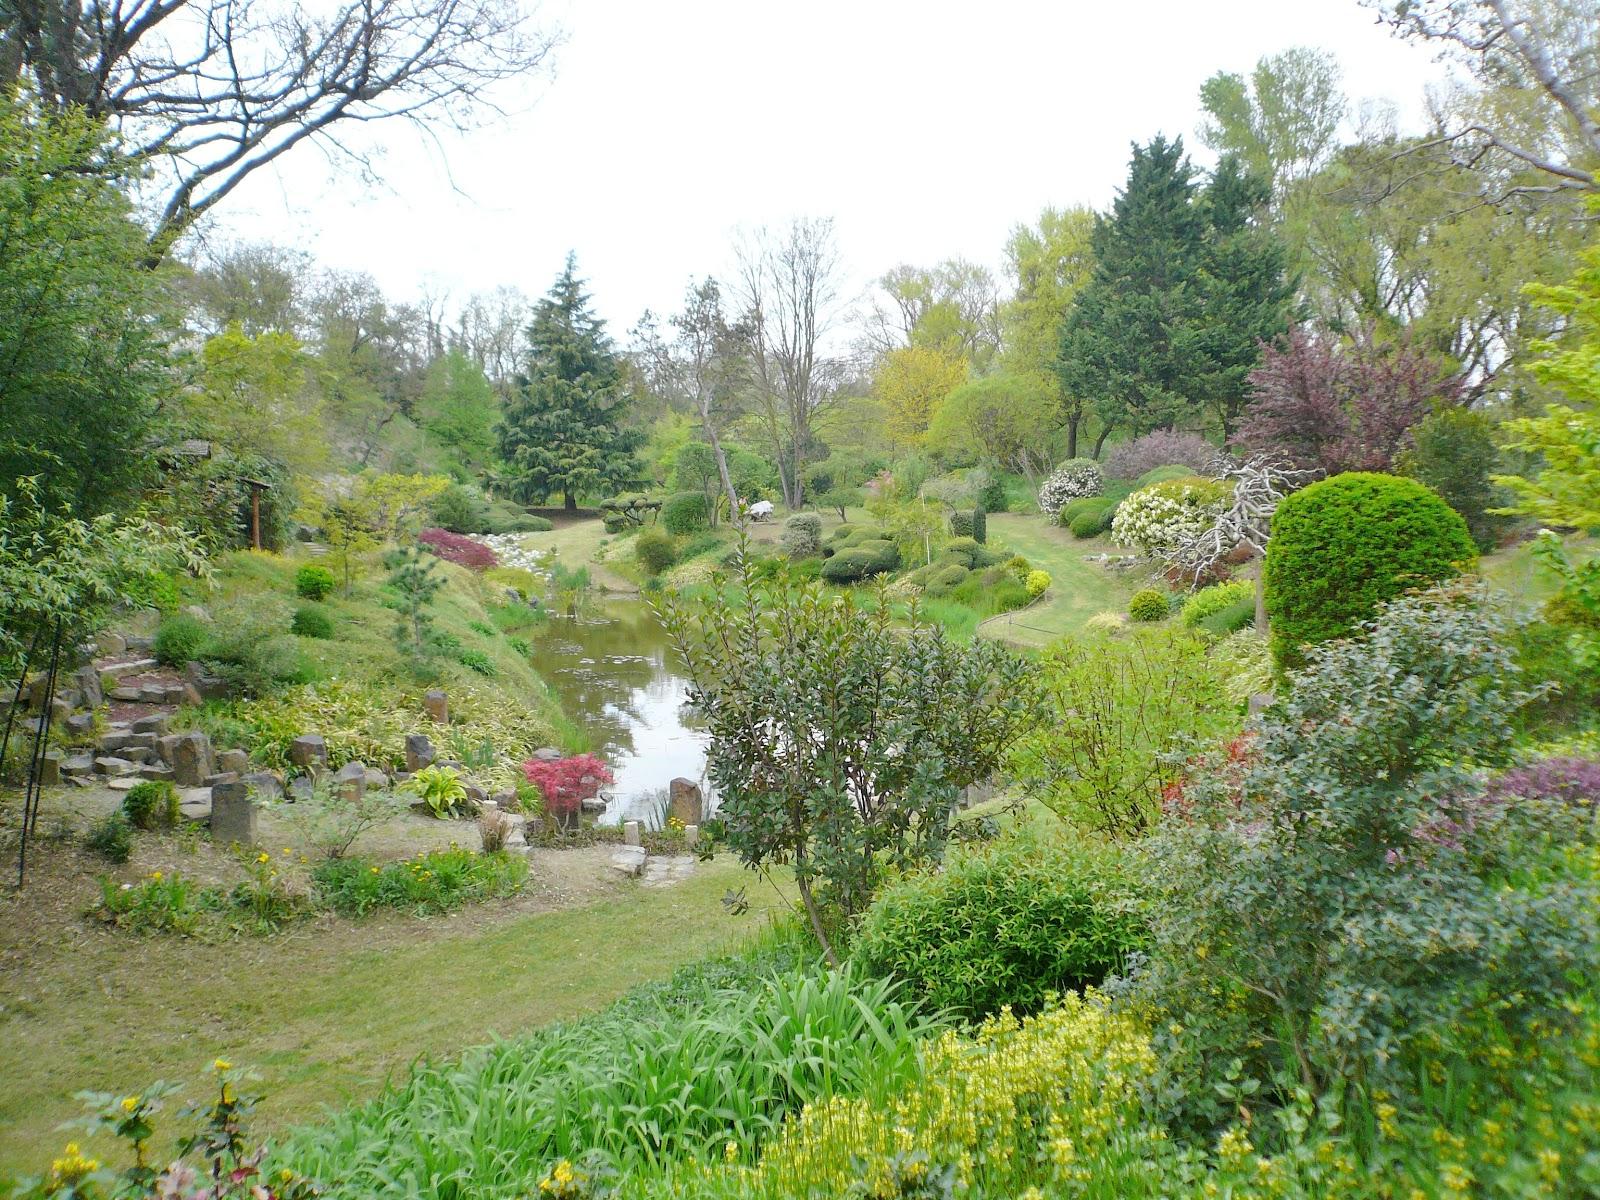 Ecrire chanter et voyager un jardin extraordinaire - Pour arroser un jardin il faut compter 6l ...